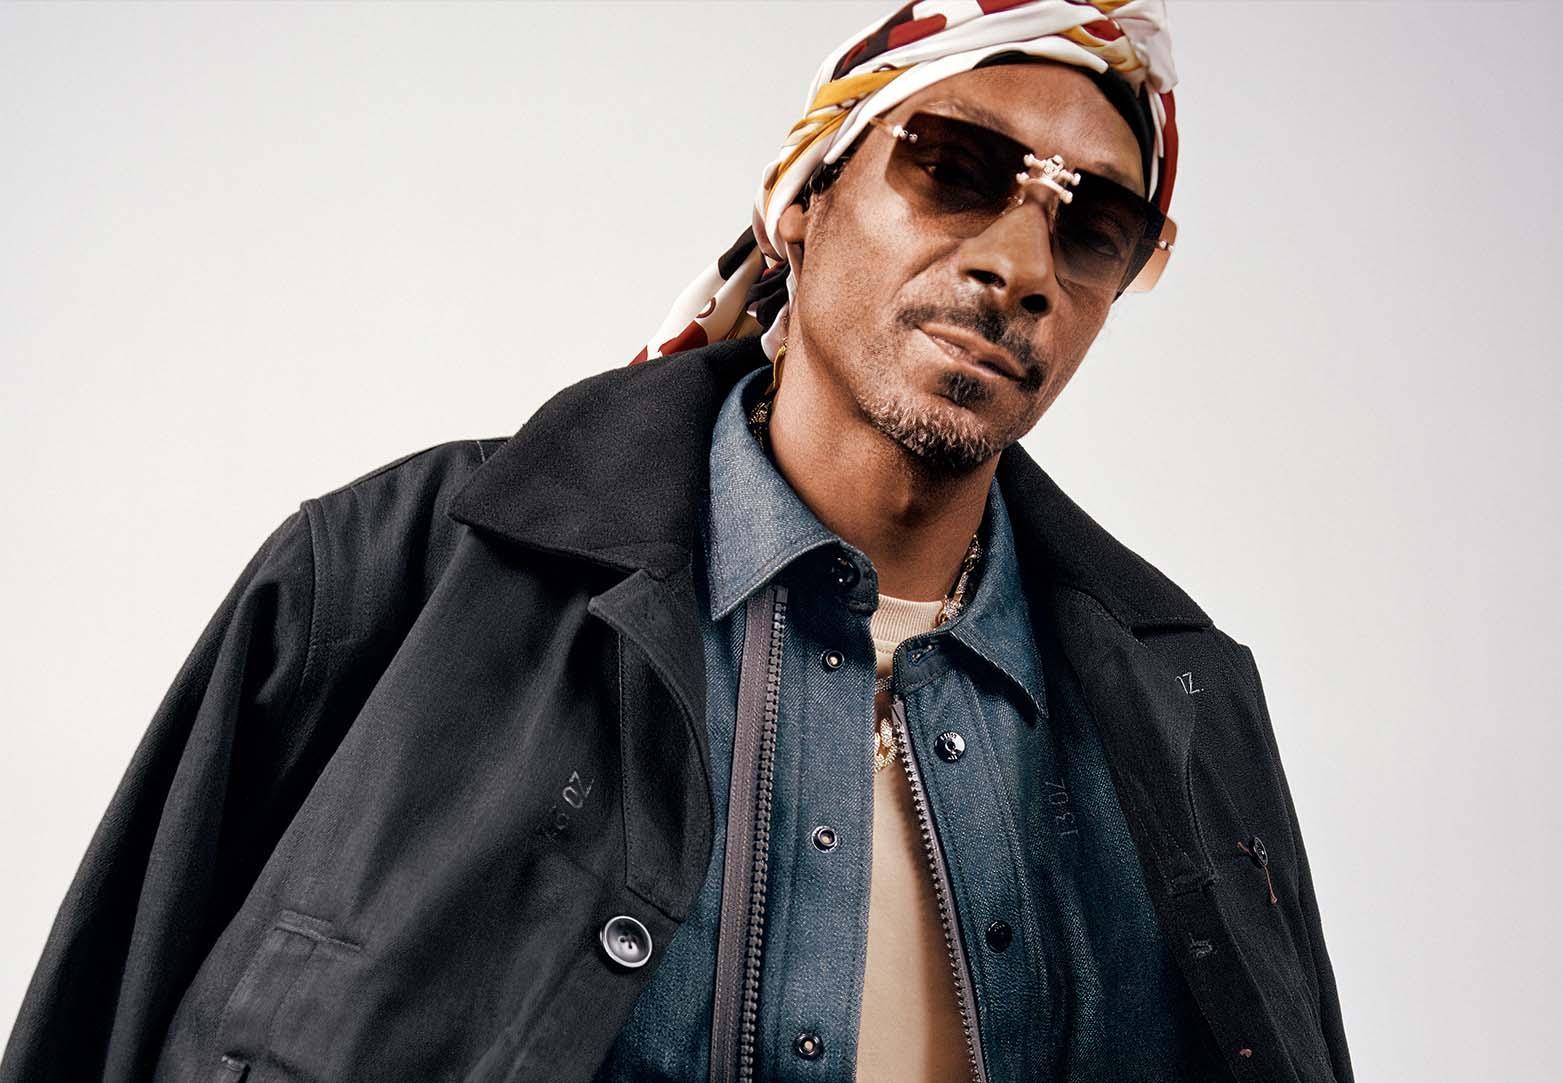 G-Star RAW en Snoop Dogg lanceren de coolste samenwerking óóit